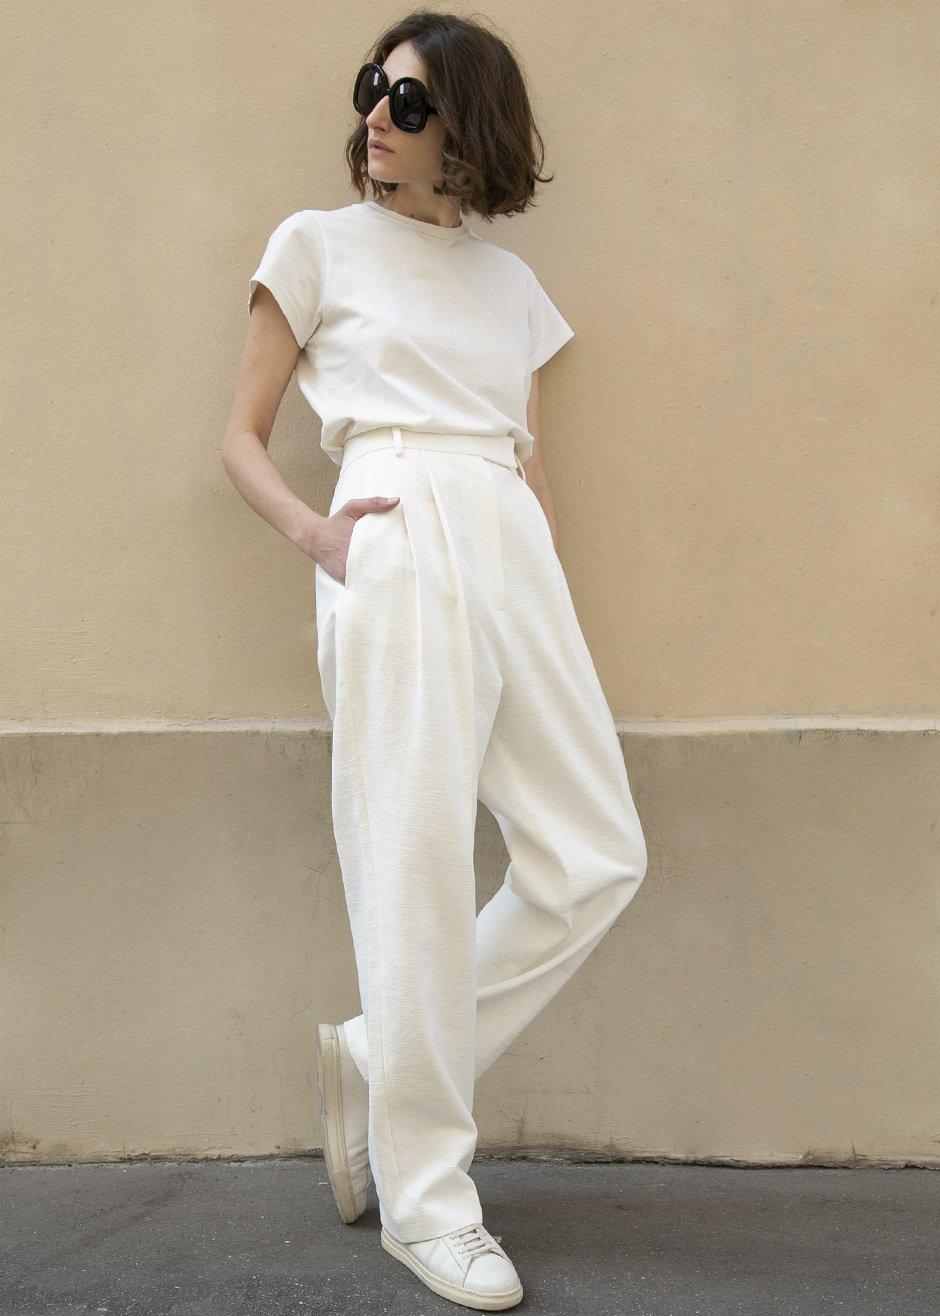 3. ใส่เสื้อยืดสีขาวกับกาวเกงขายาวสีขาว